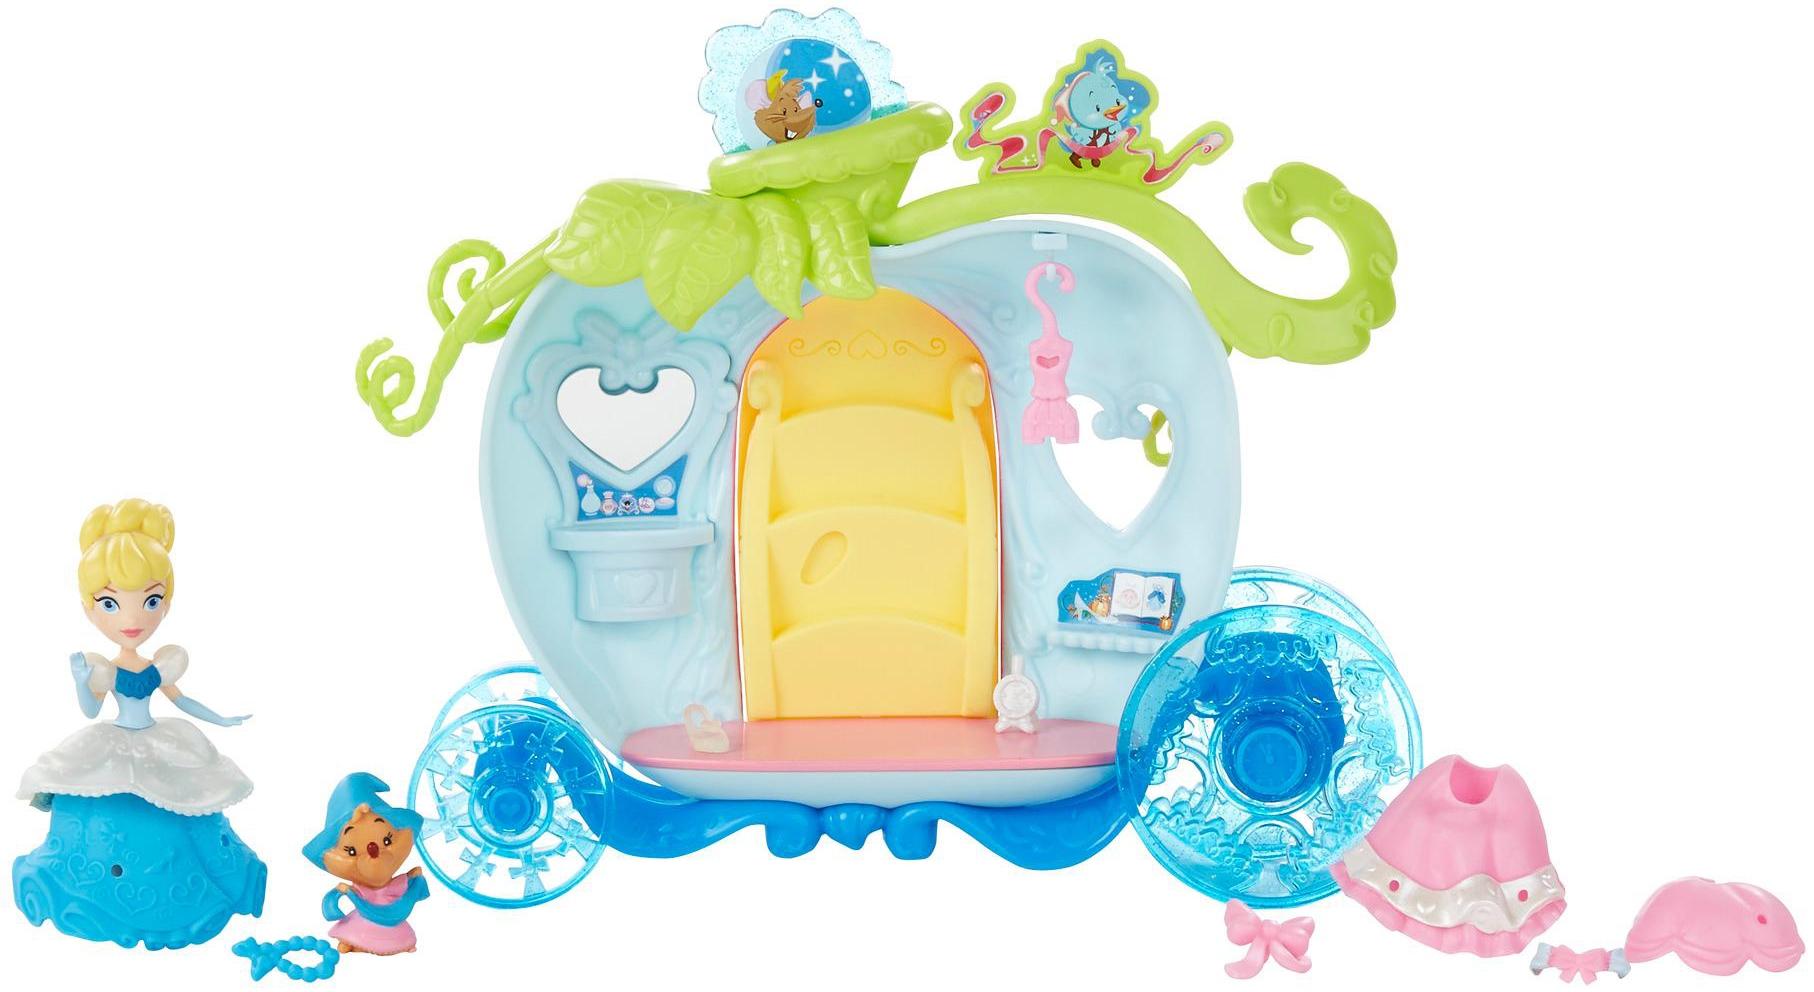 Купить Игровой набор, B5344EU4 для маленьких кукол Принцесс, 1шт., Disney Princess B5344EU4, Китай, Женский